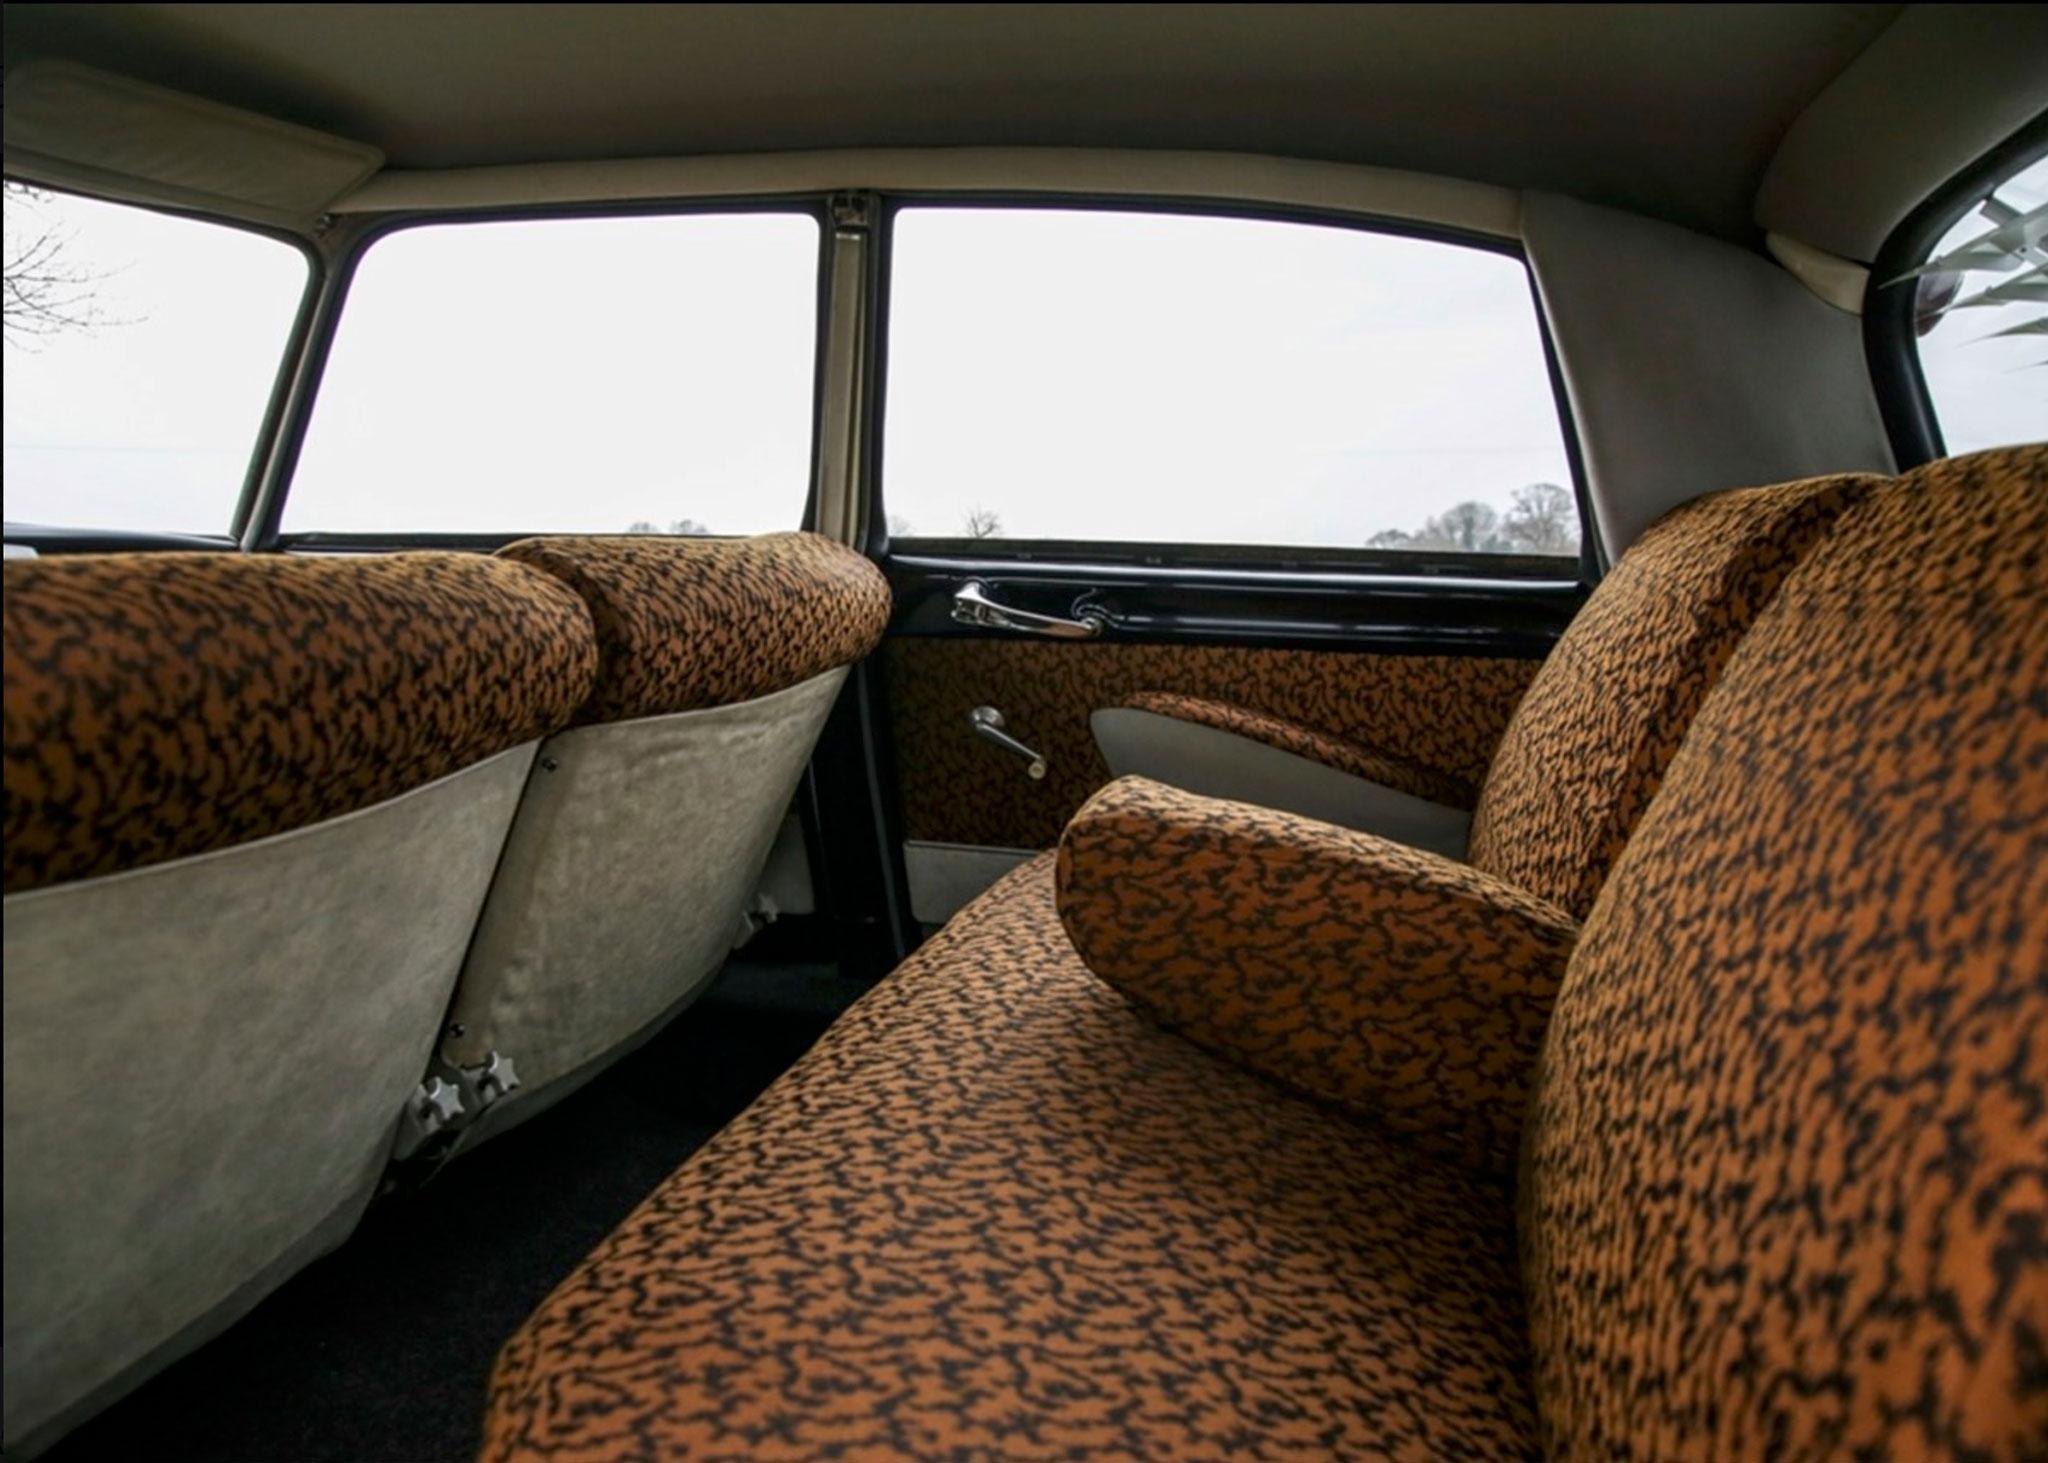 1958 Citroën DS 19 la banquette arrière permet d'accueillir trois personnes - Coups de Coeur Historics Auctioneers.